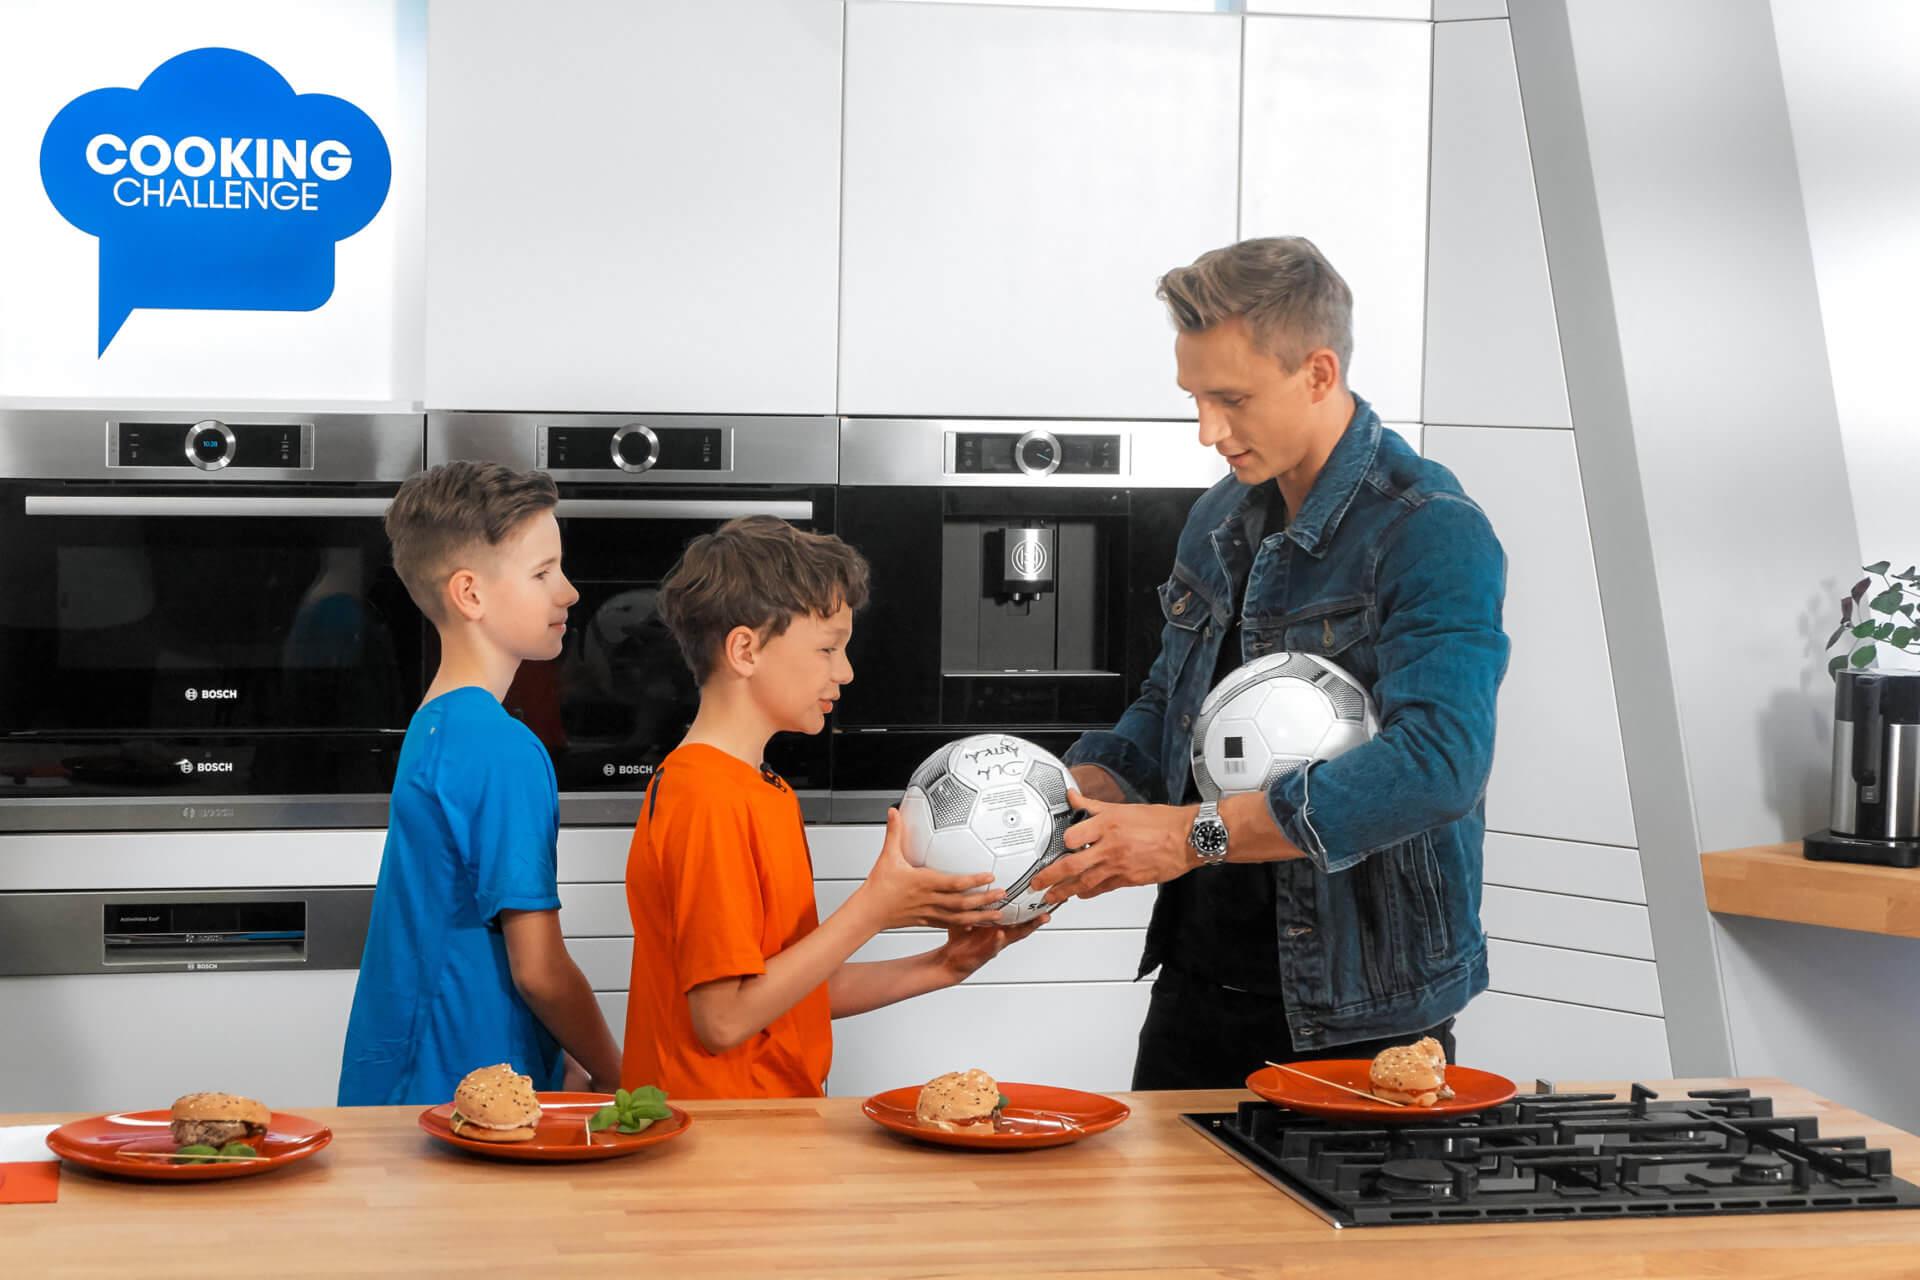 Jakub Rzeźniczak podjął wyzwanie w Cooking Challenge